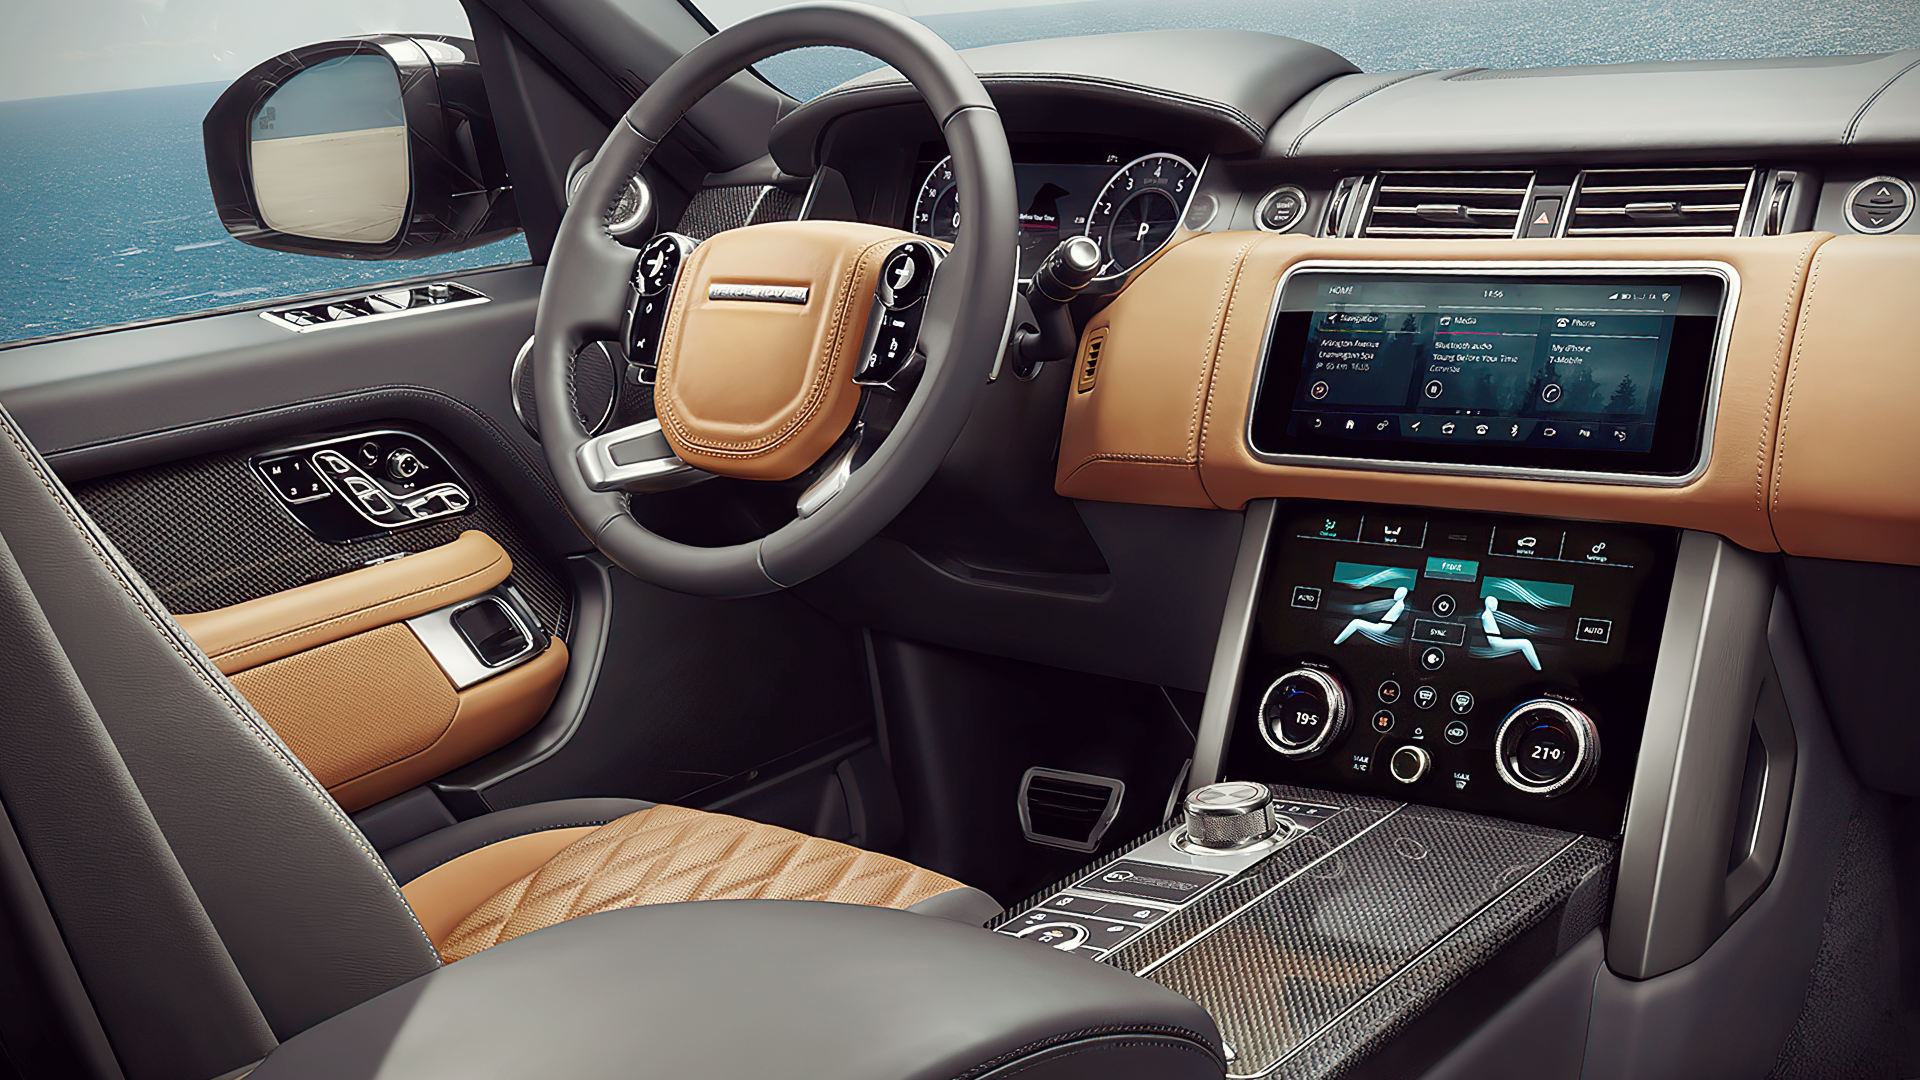 2020 Range Rover Velar Red Interior Inside